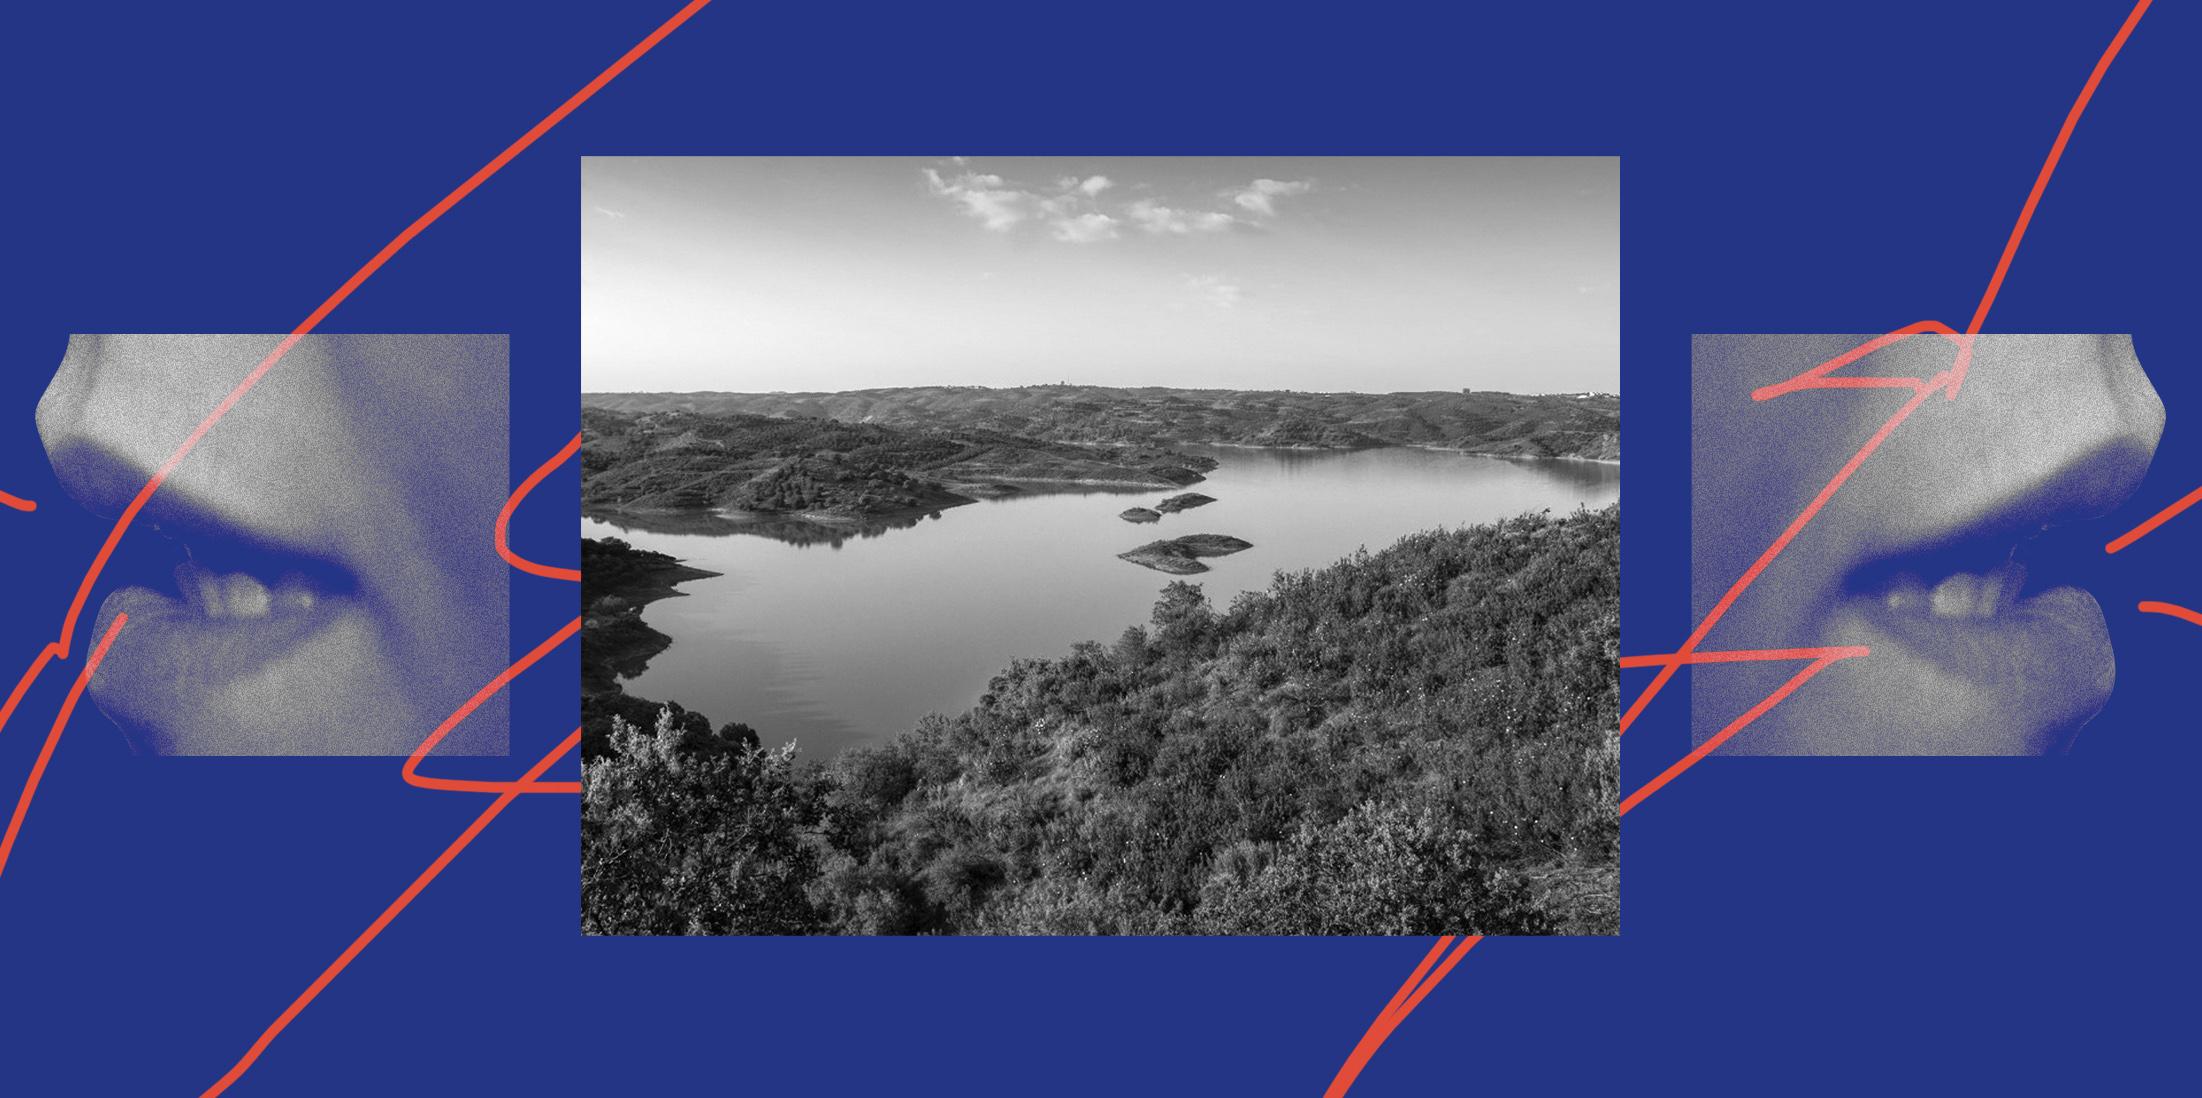 conversa I – Caminhar / conhecer paisagens